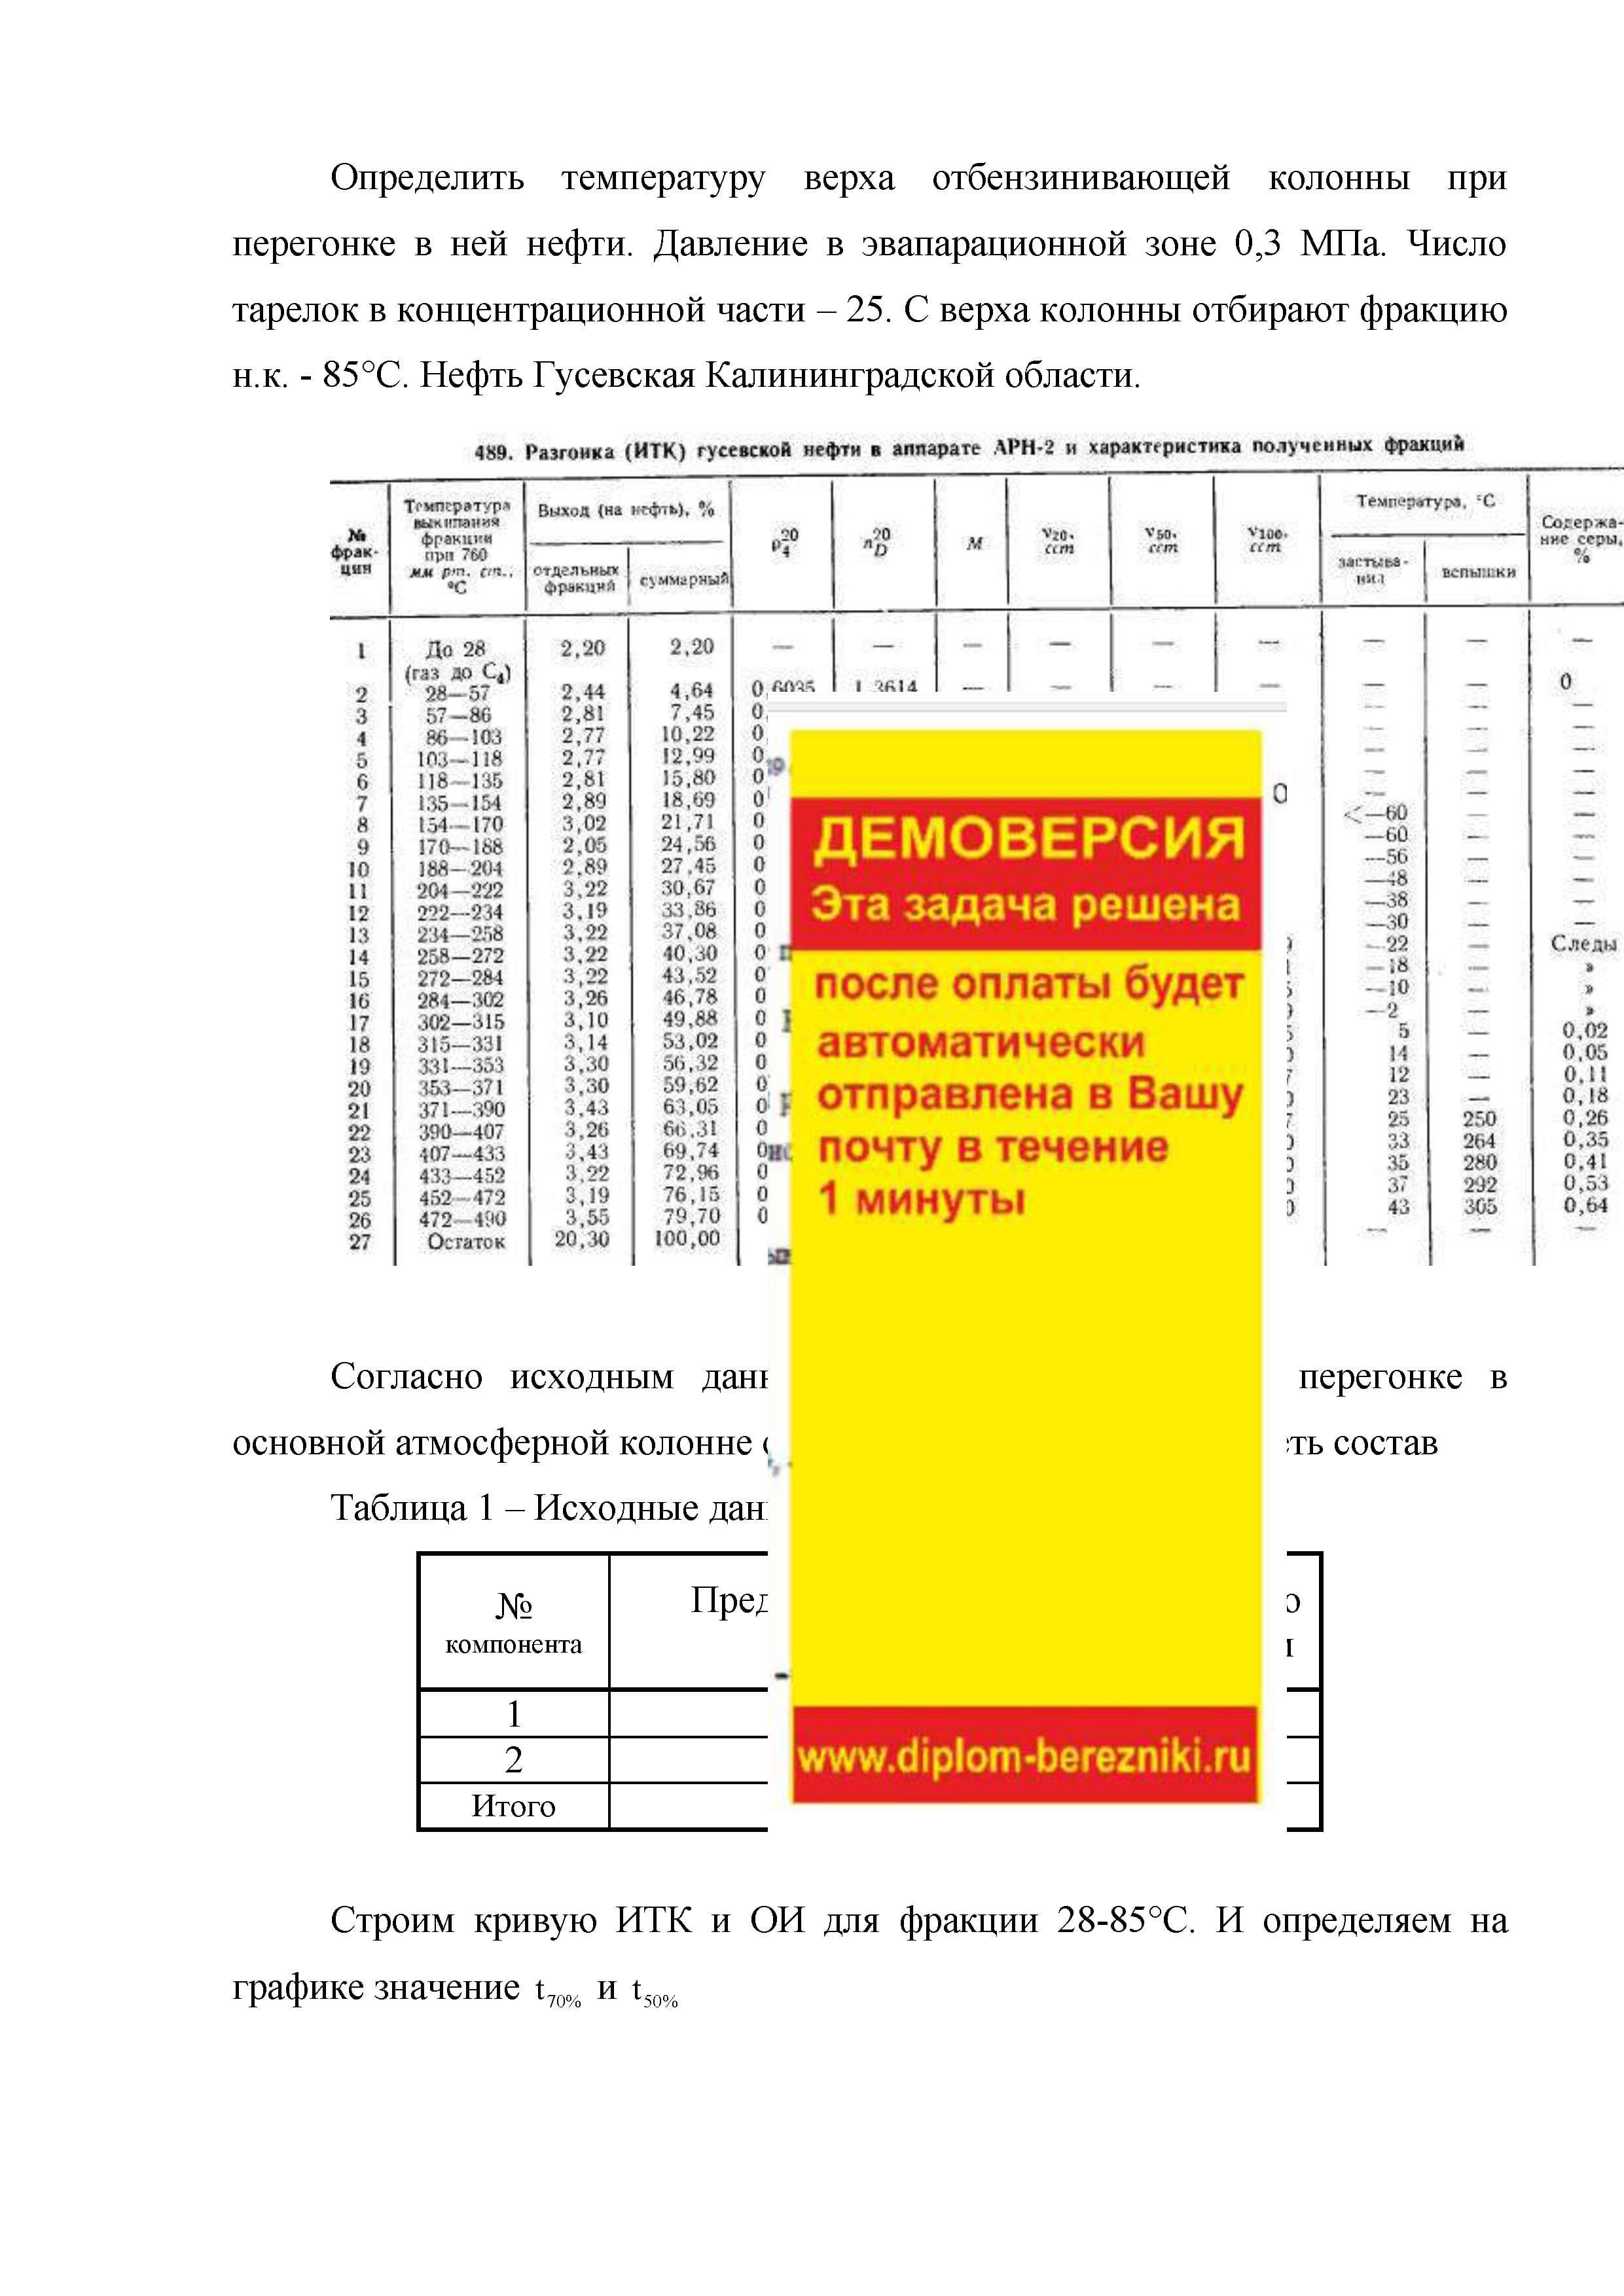 Определить температуру верха колонны